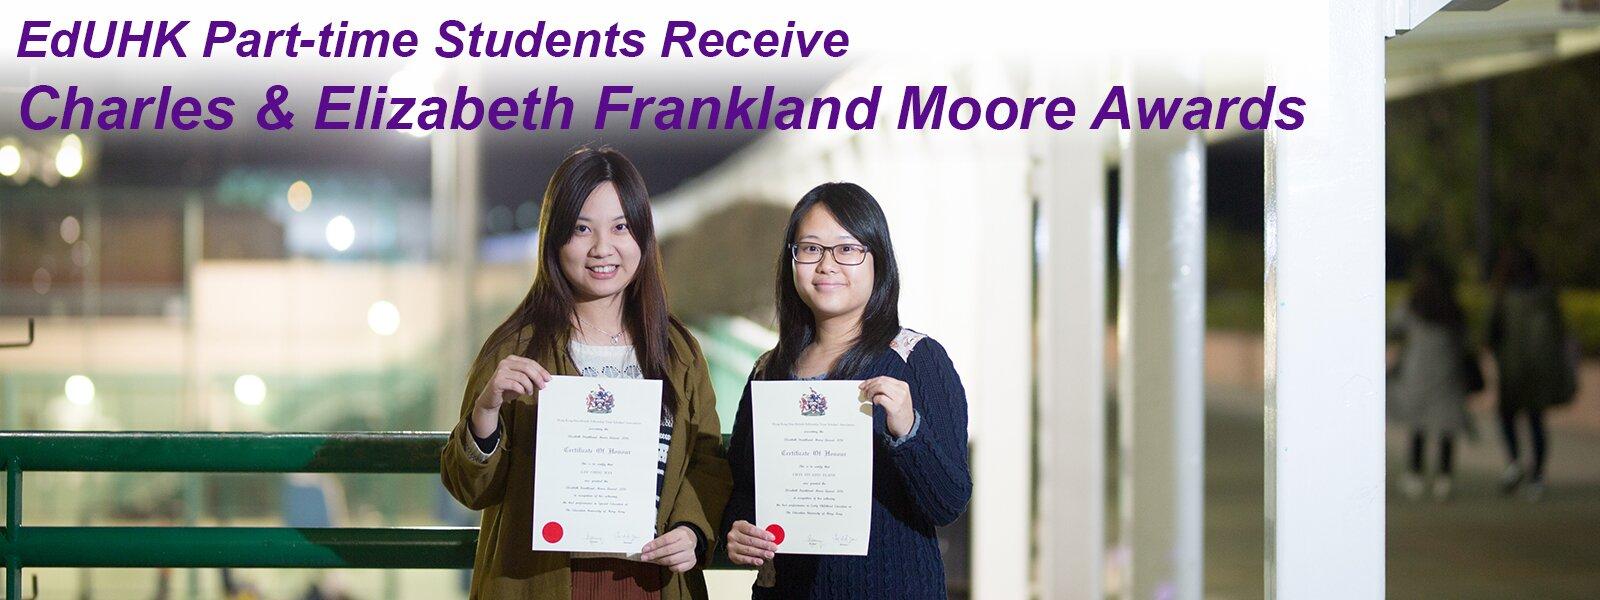 EdUHK Part-time Students Receive Charles & Elizabeth Frankland Moore Awards